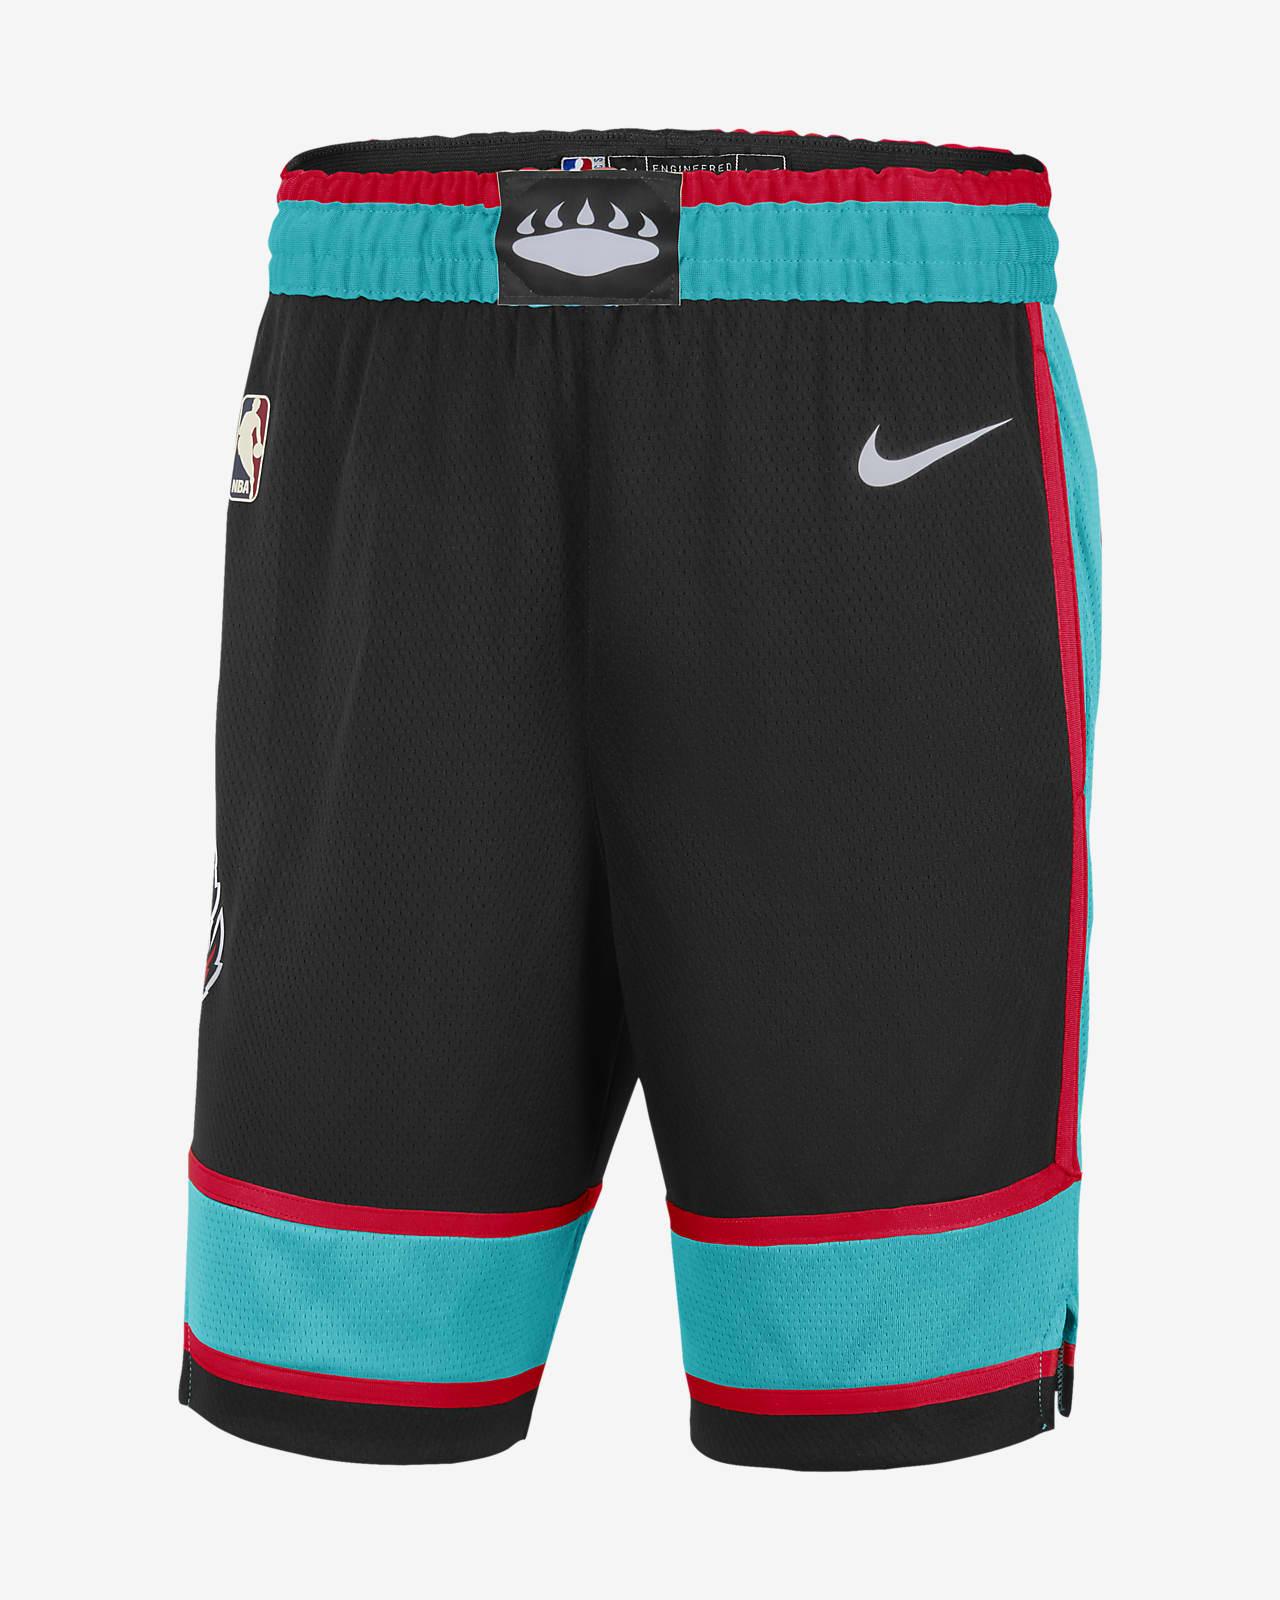 Memphis Grizzlies Classic Edition 2020 Men's Nike NBA Swingman Shorts